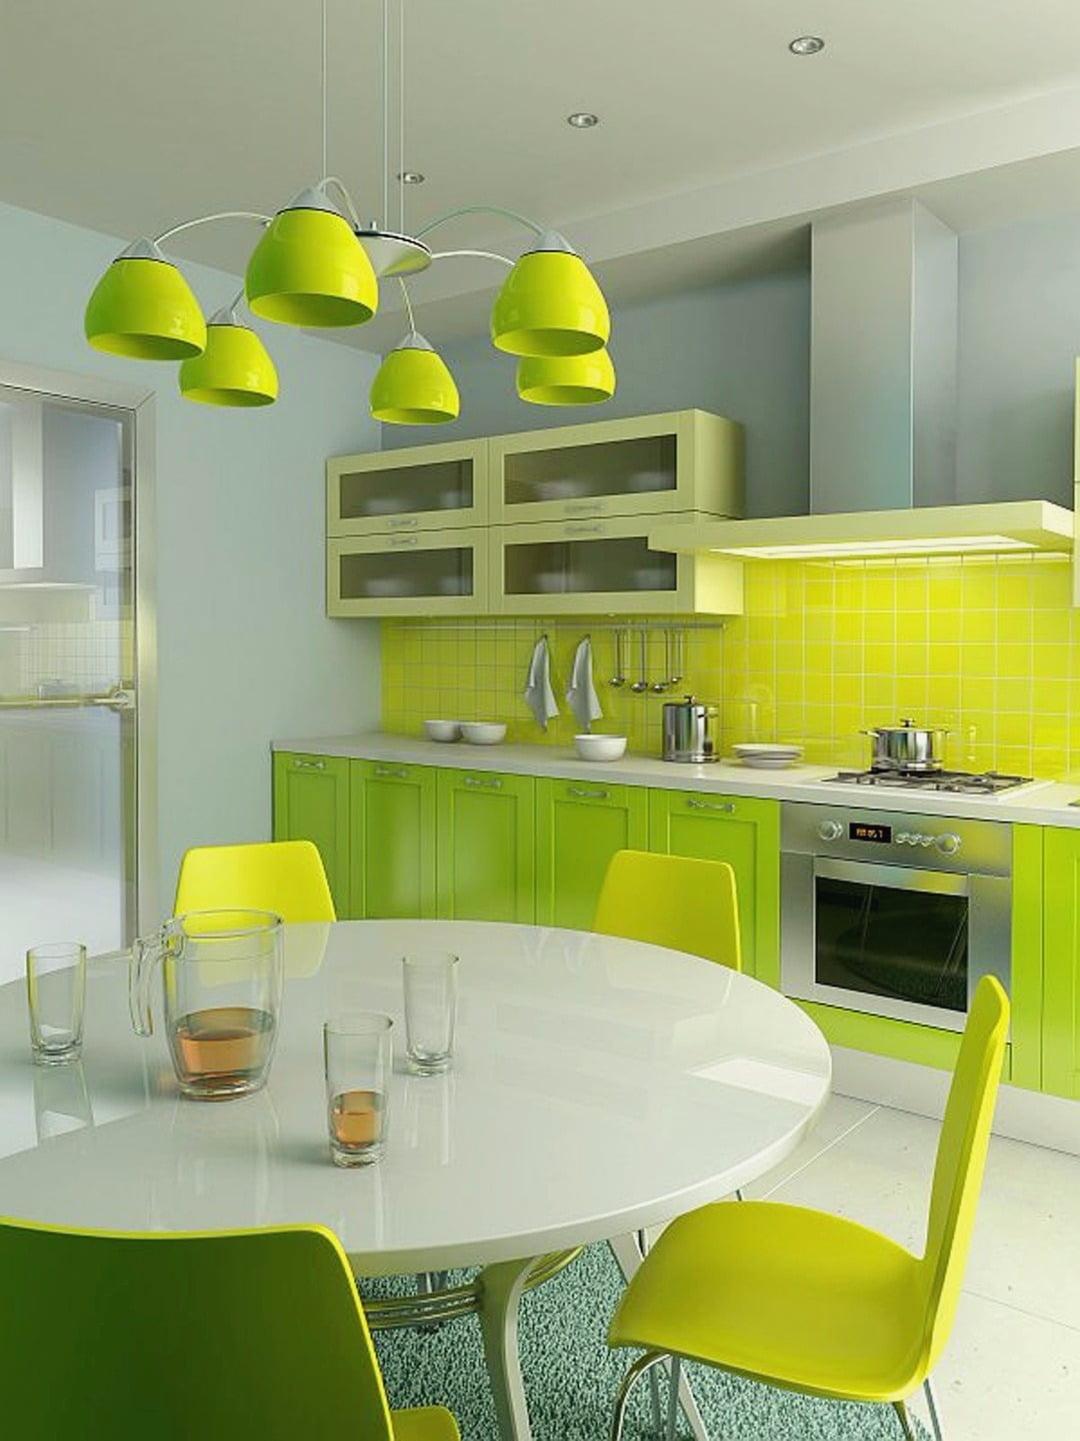 La salade se marie bien avec le jaune, cet intérieur a l'air frais et juteux.